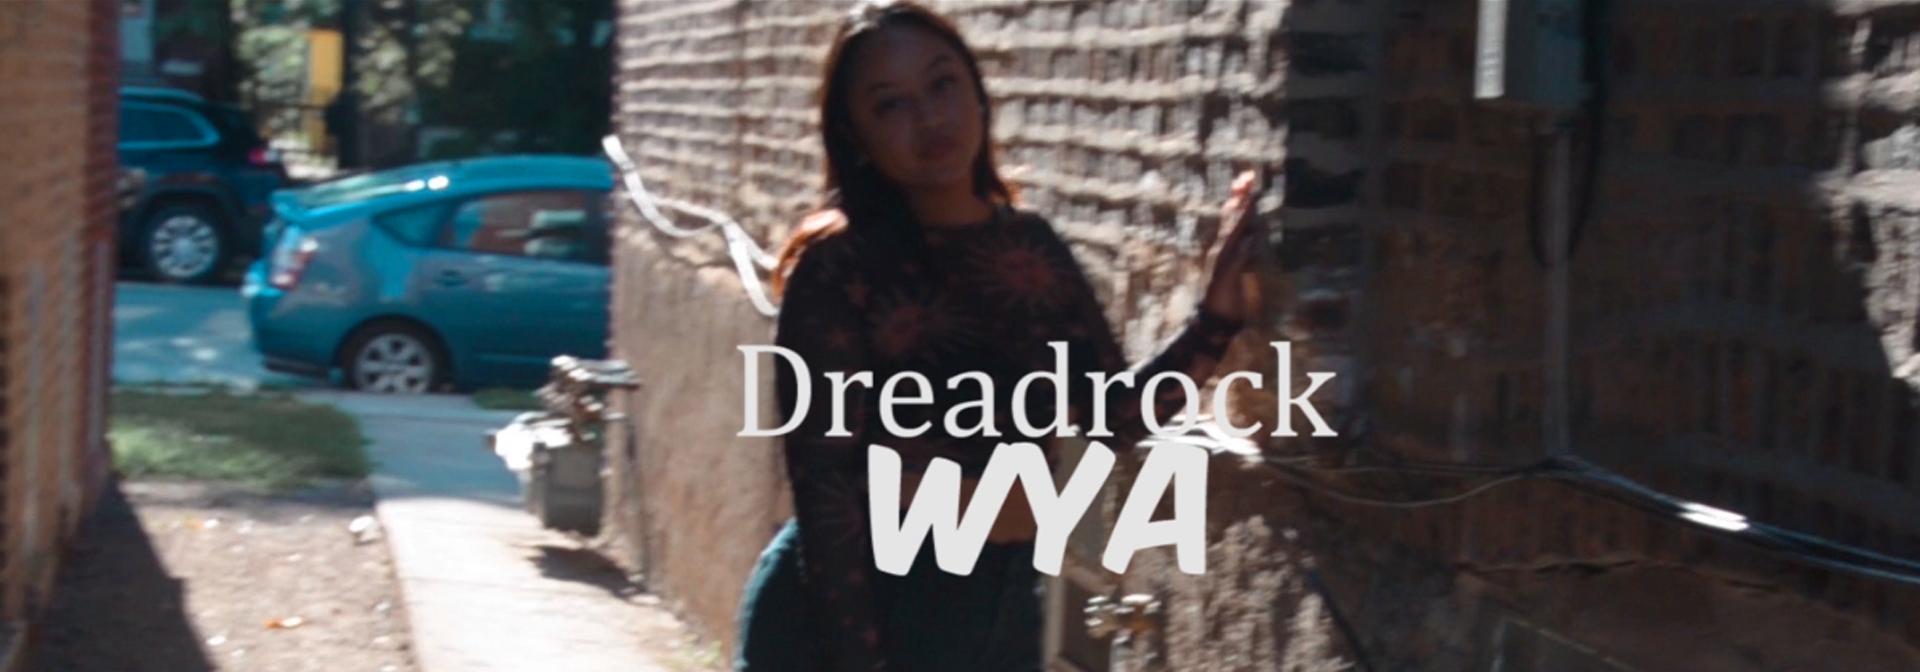 dreadrock-wya-chicago-rapper